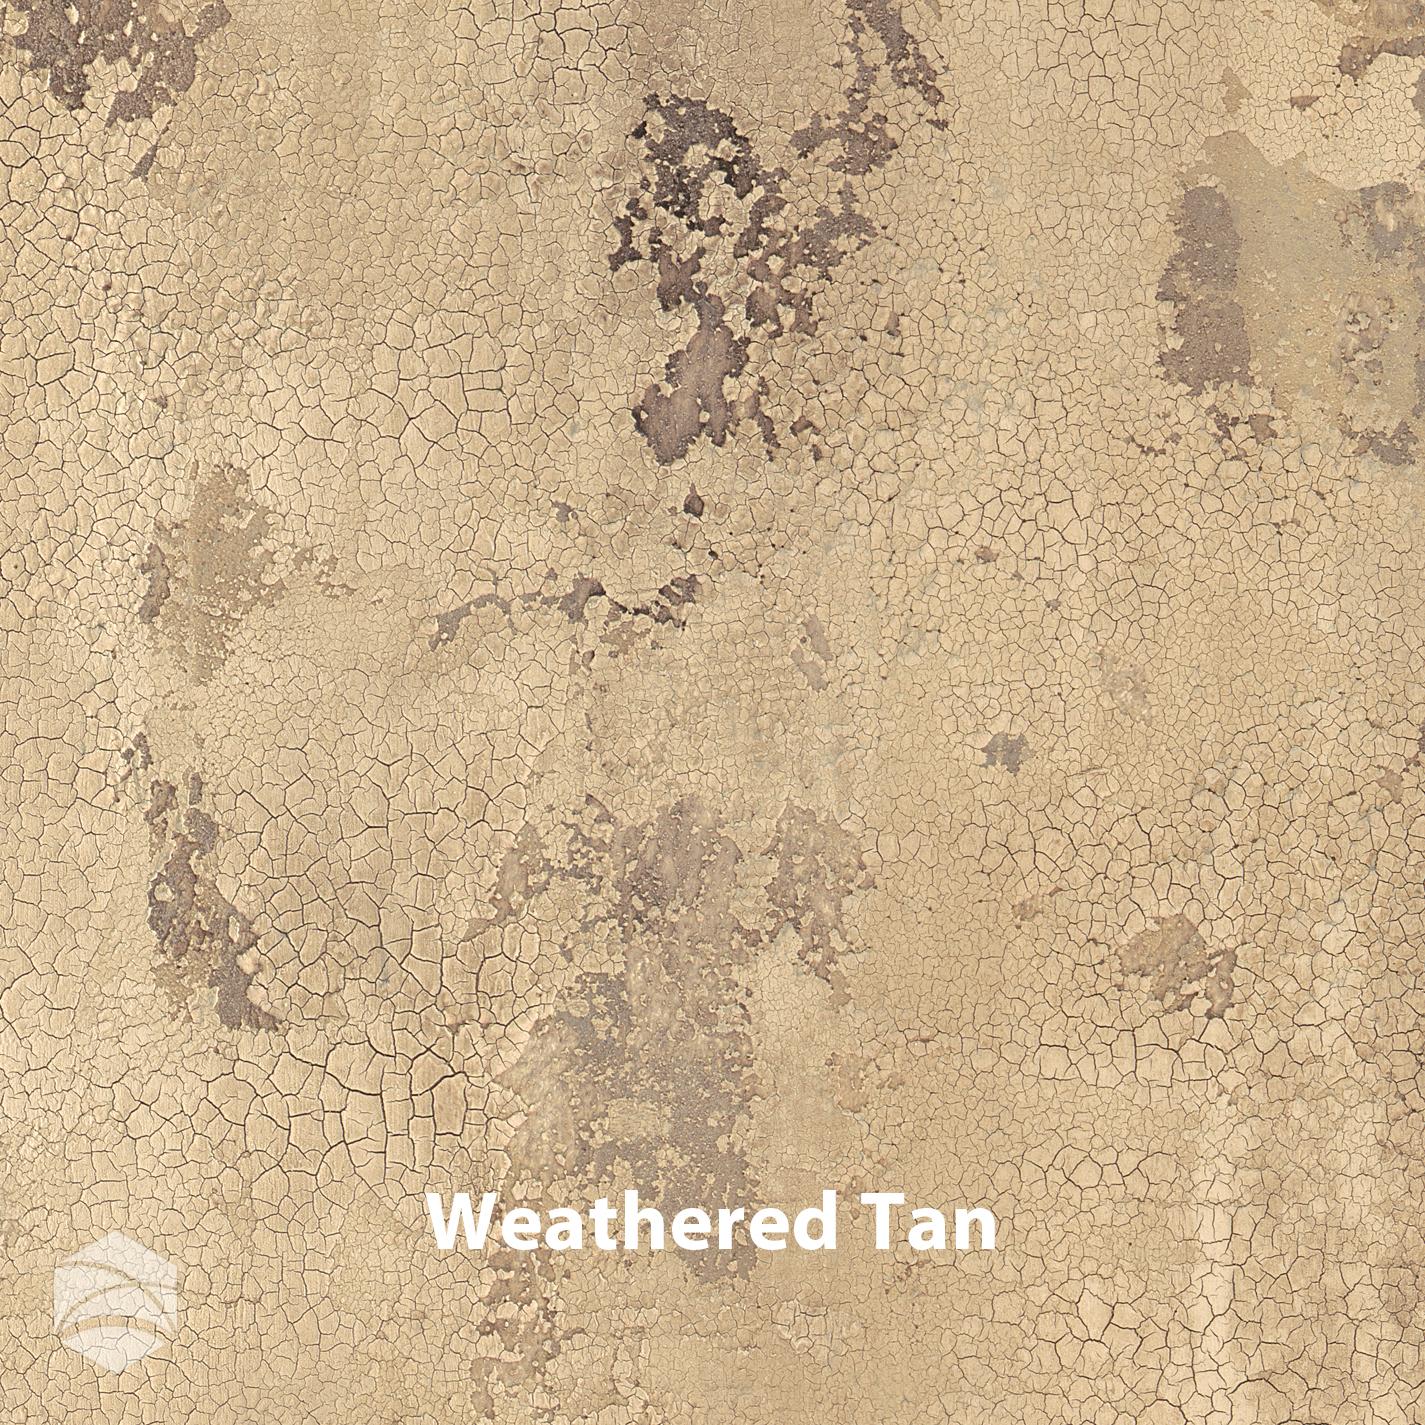 Weathered Tan_V2_14x14.jpg